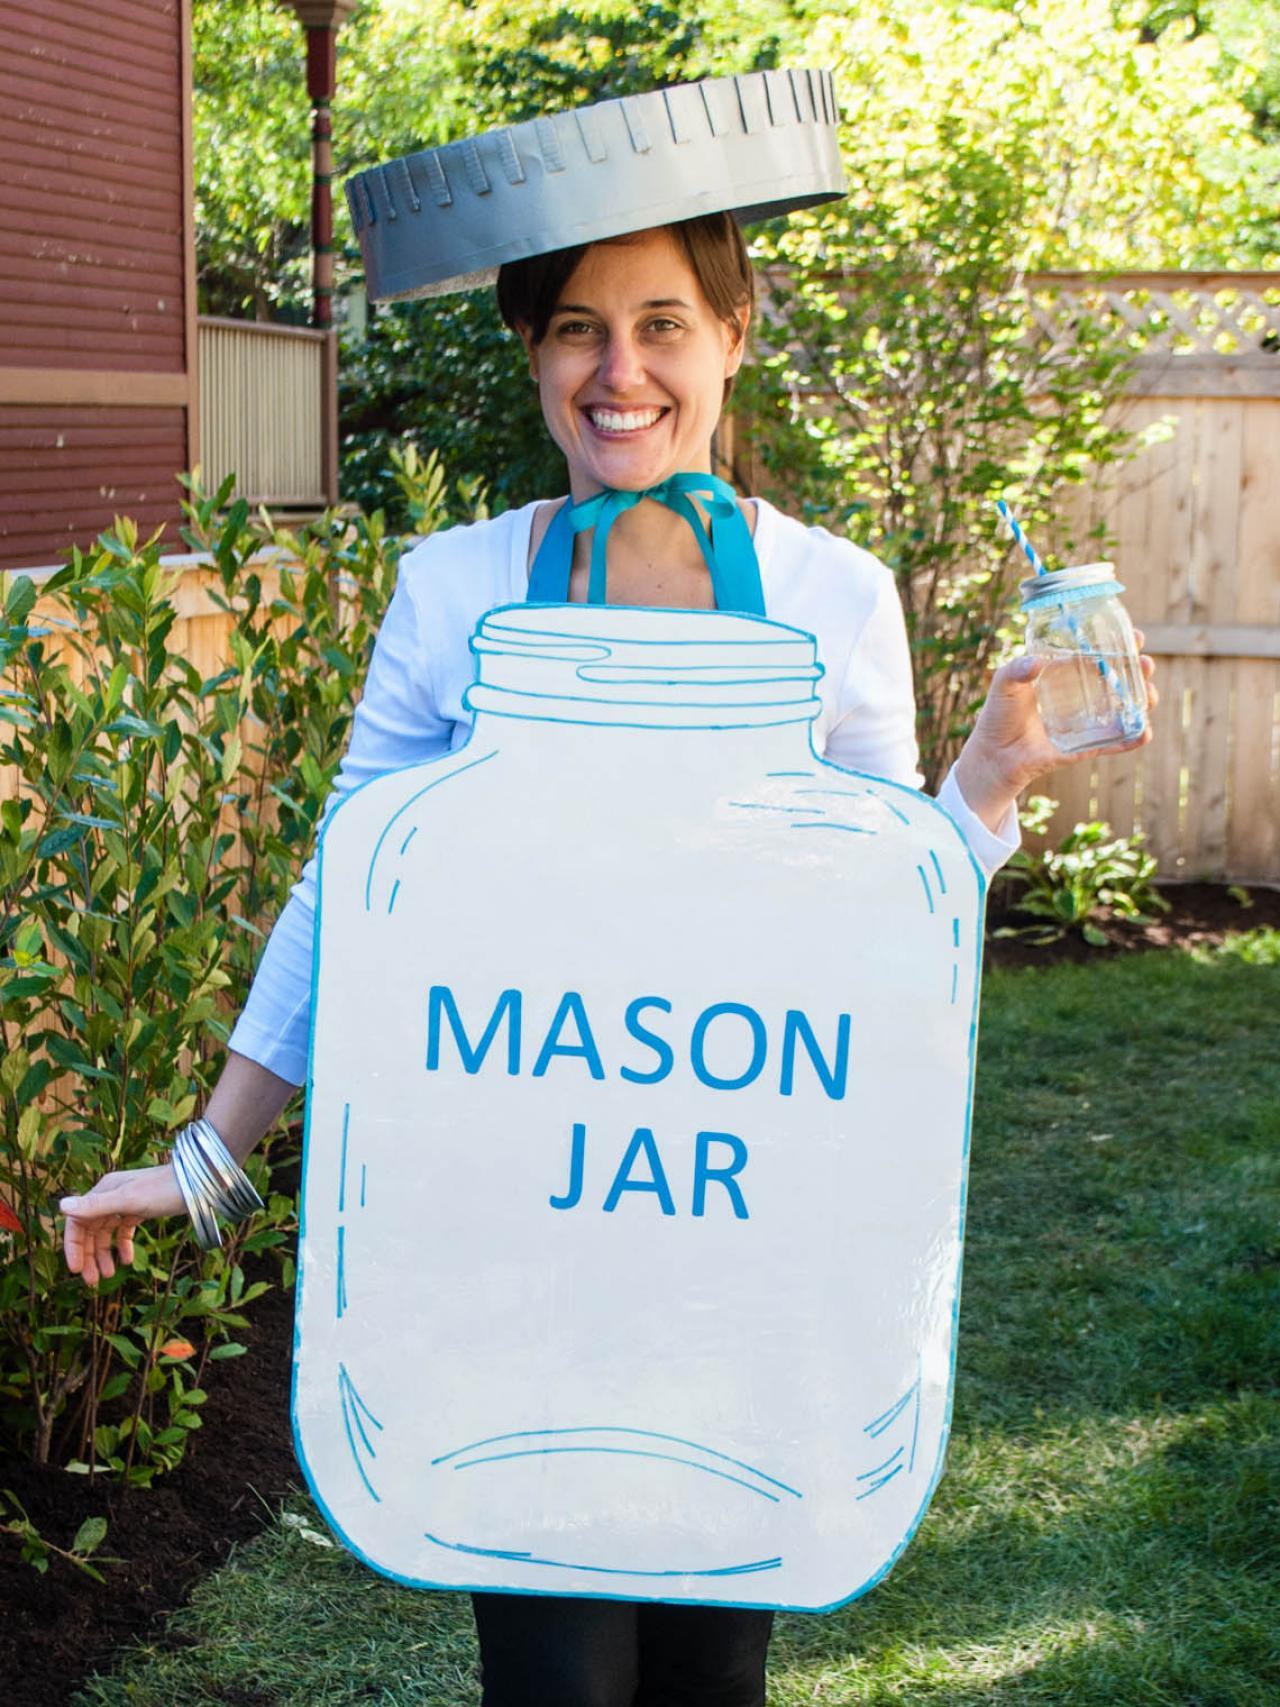 diy mason jar halloween costume | how-tos | diy